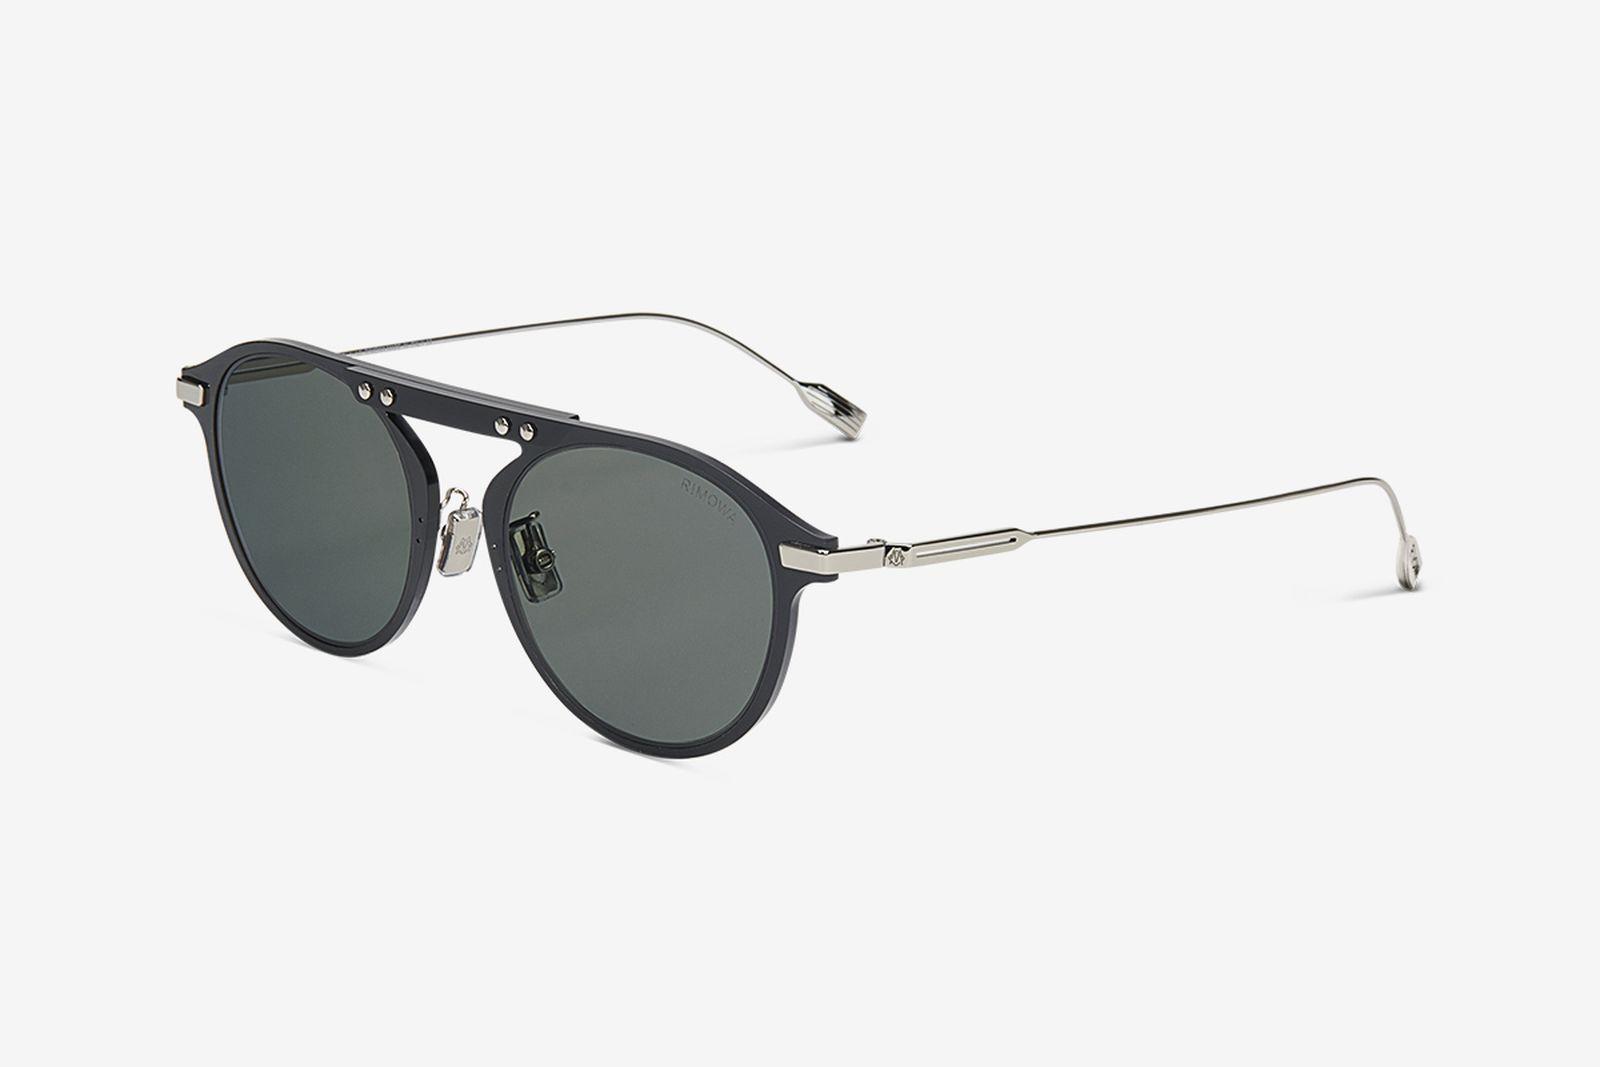 rimowa-eyewear-15